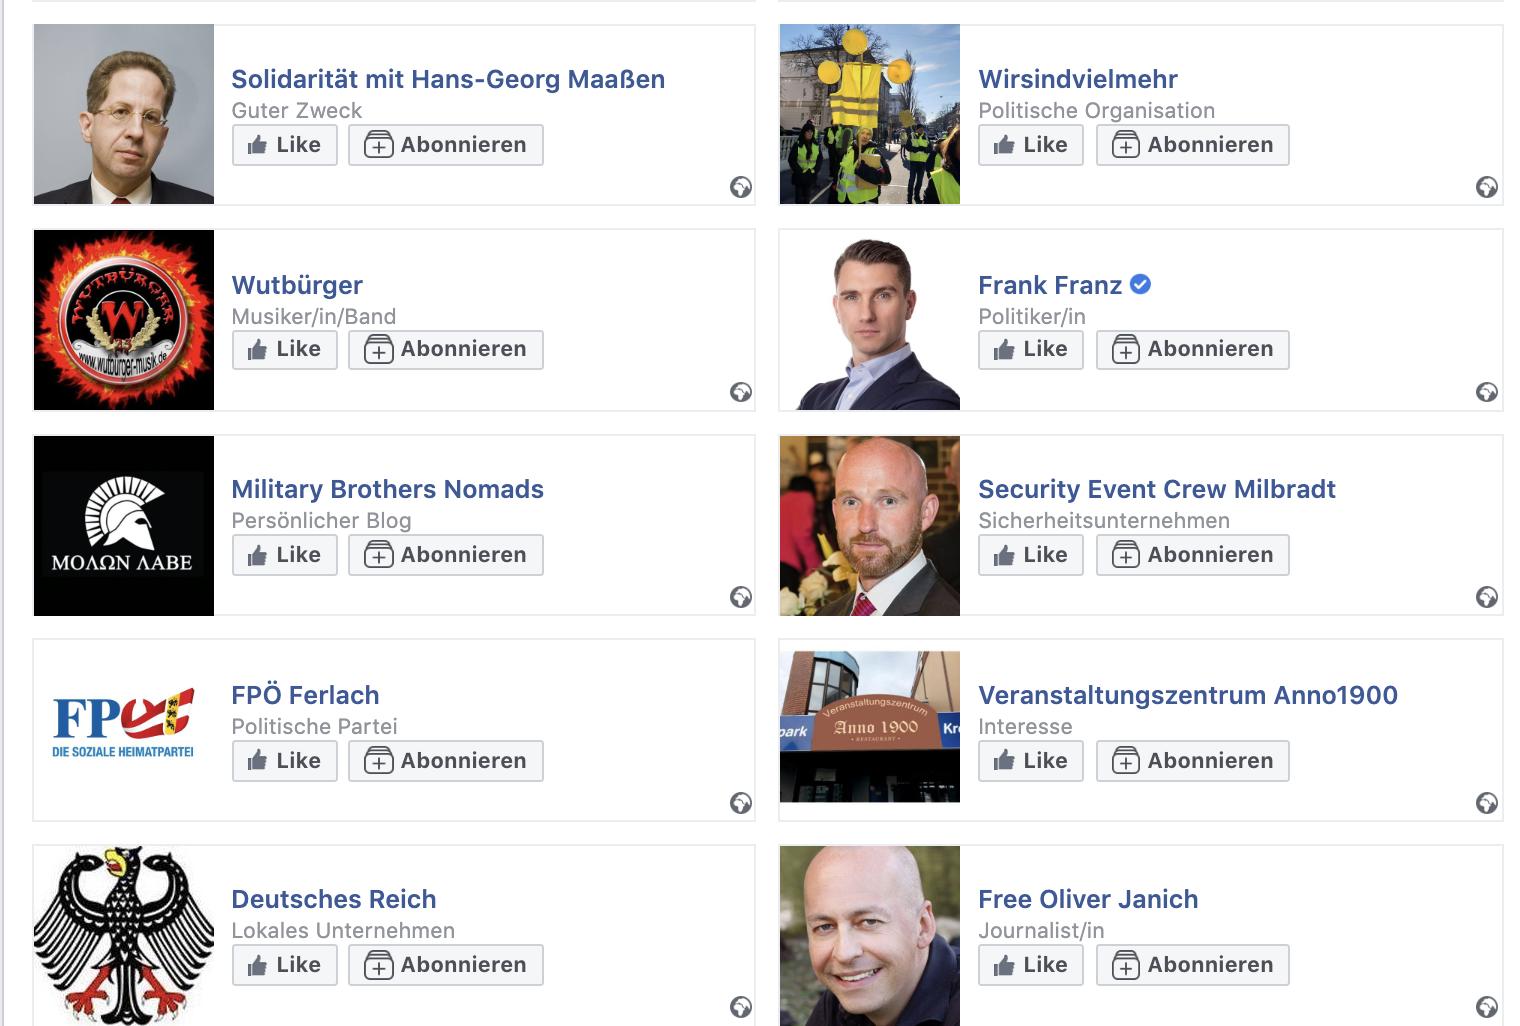 Likes von Tony E. für Maaßen, NDP, Deutsches Reich und die FPÖ Ferlach